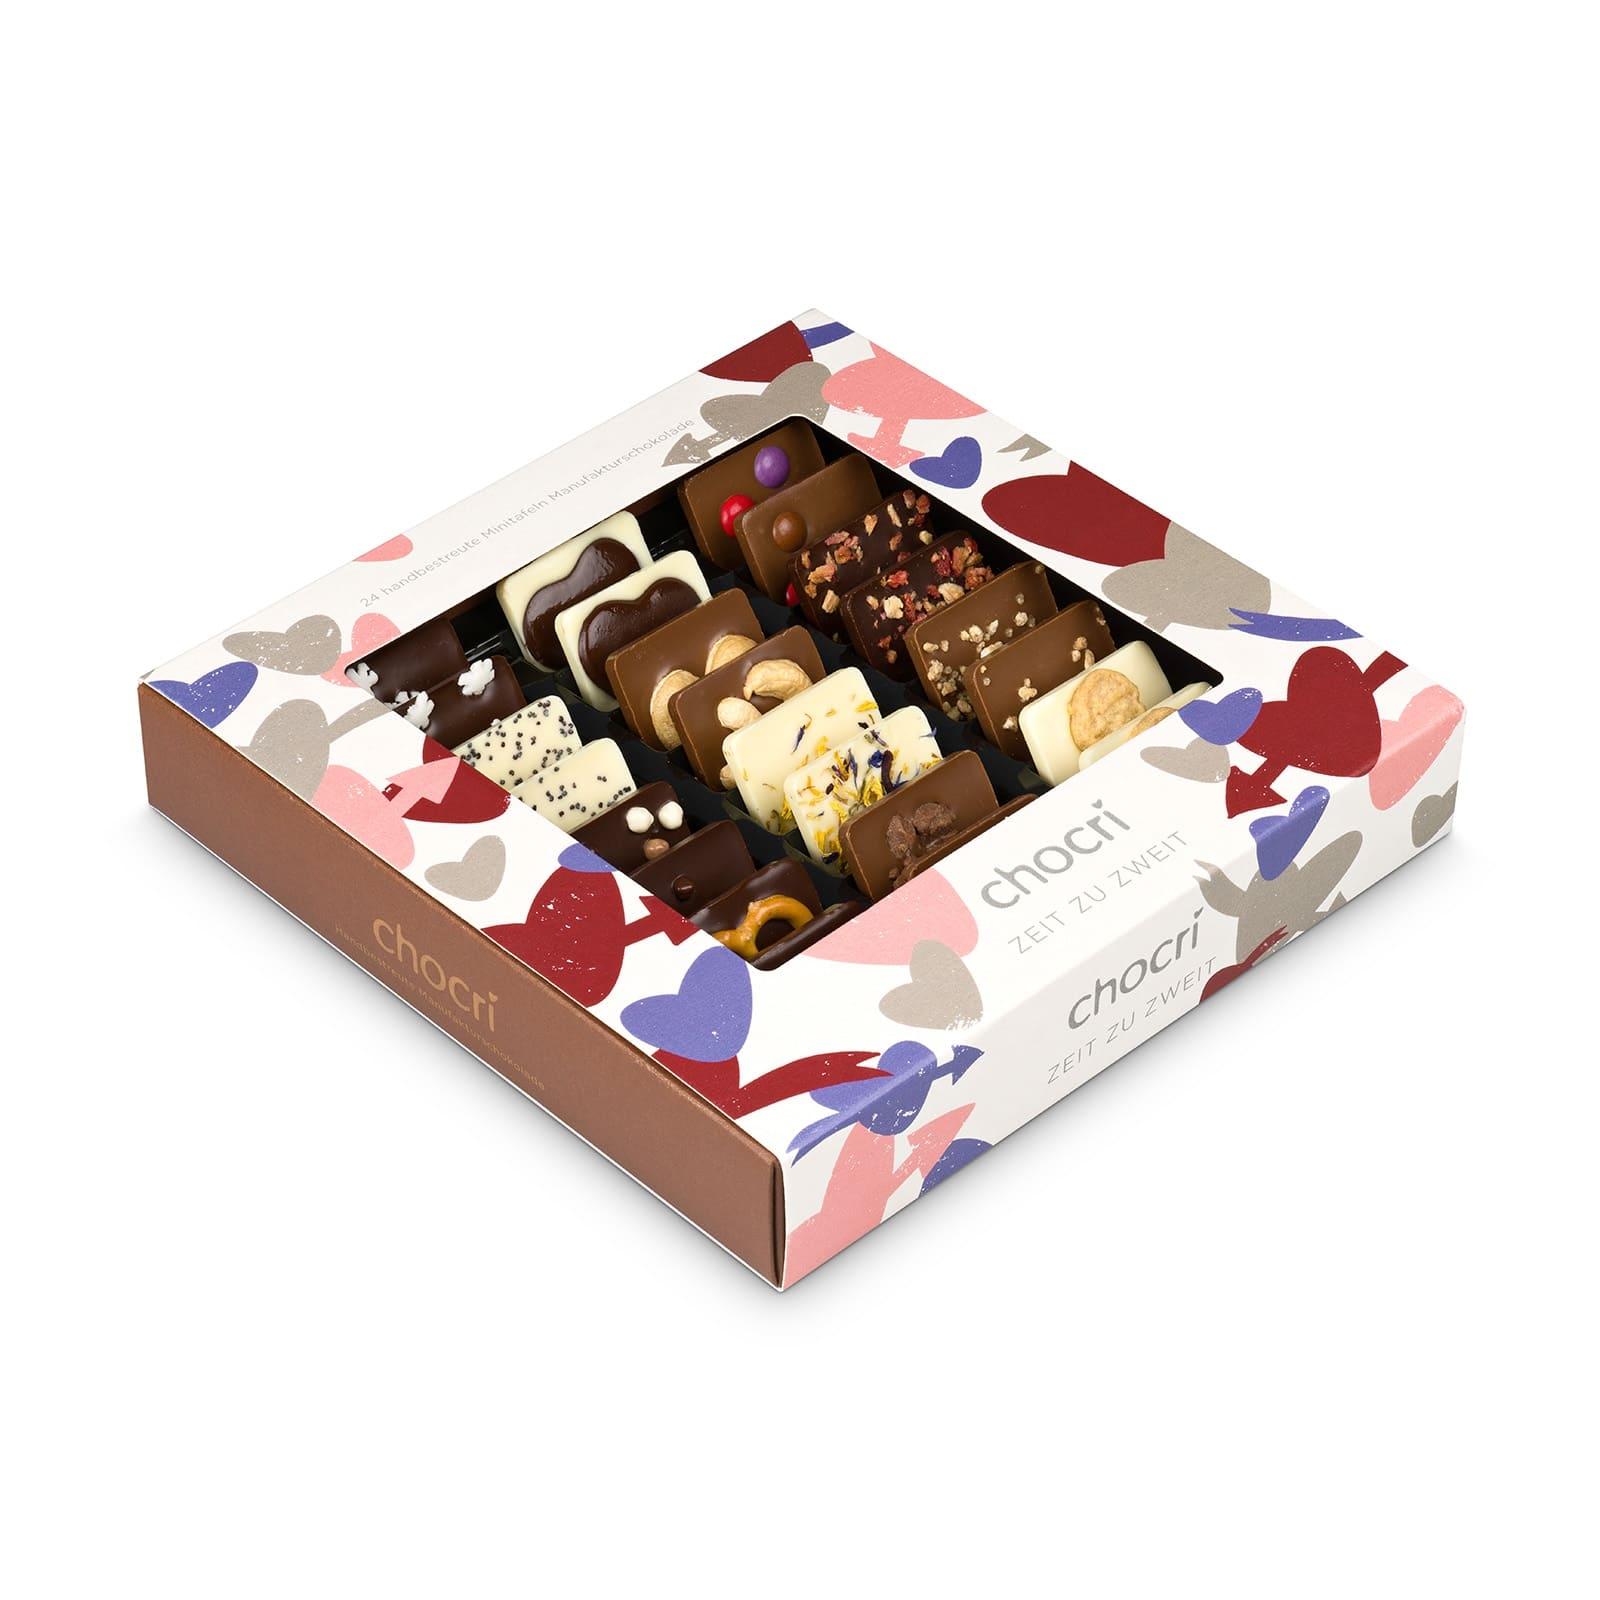 Köstlichsüsses - chocri Zeit zu zweit Mini Schokoladentafeln - Onlineshop Chocri